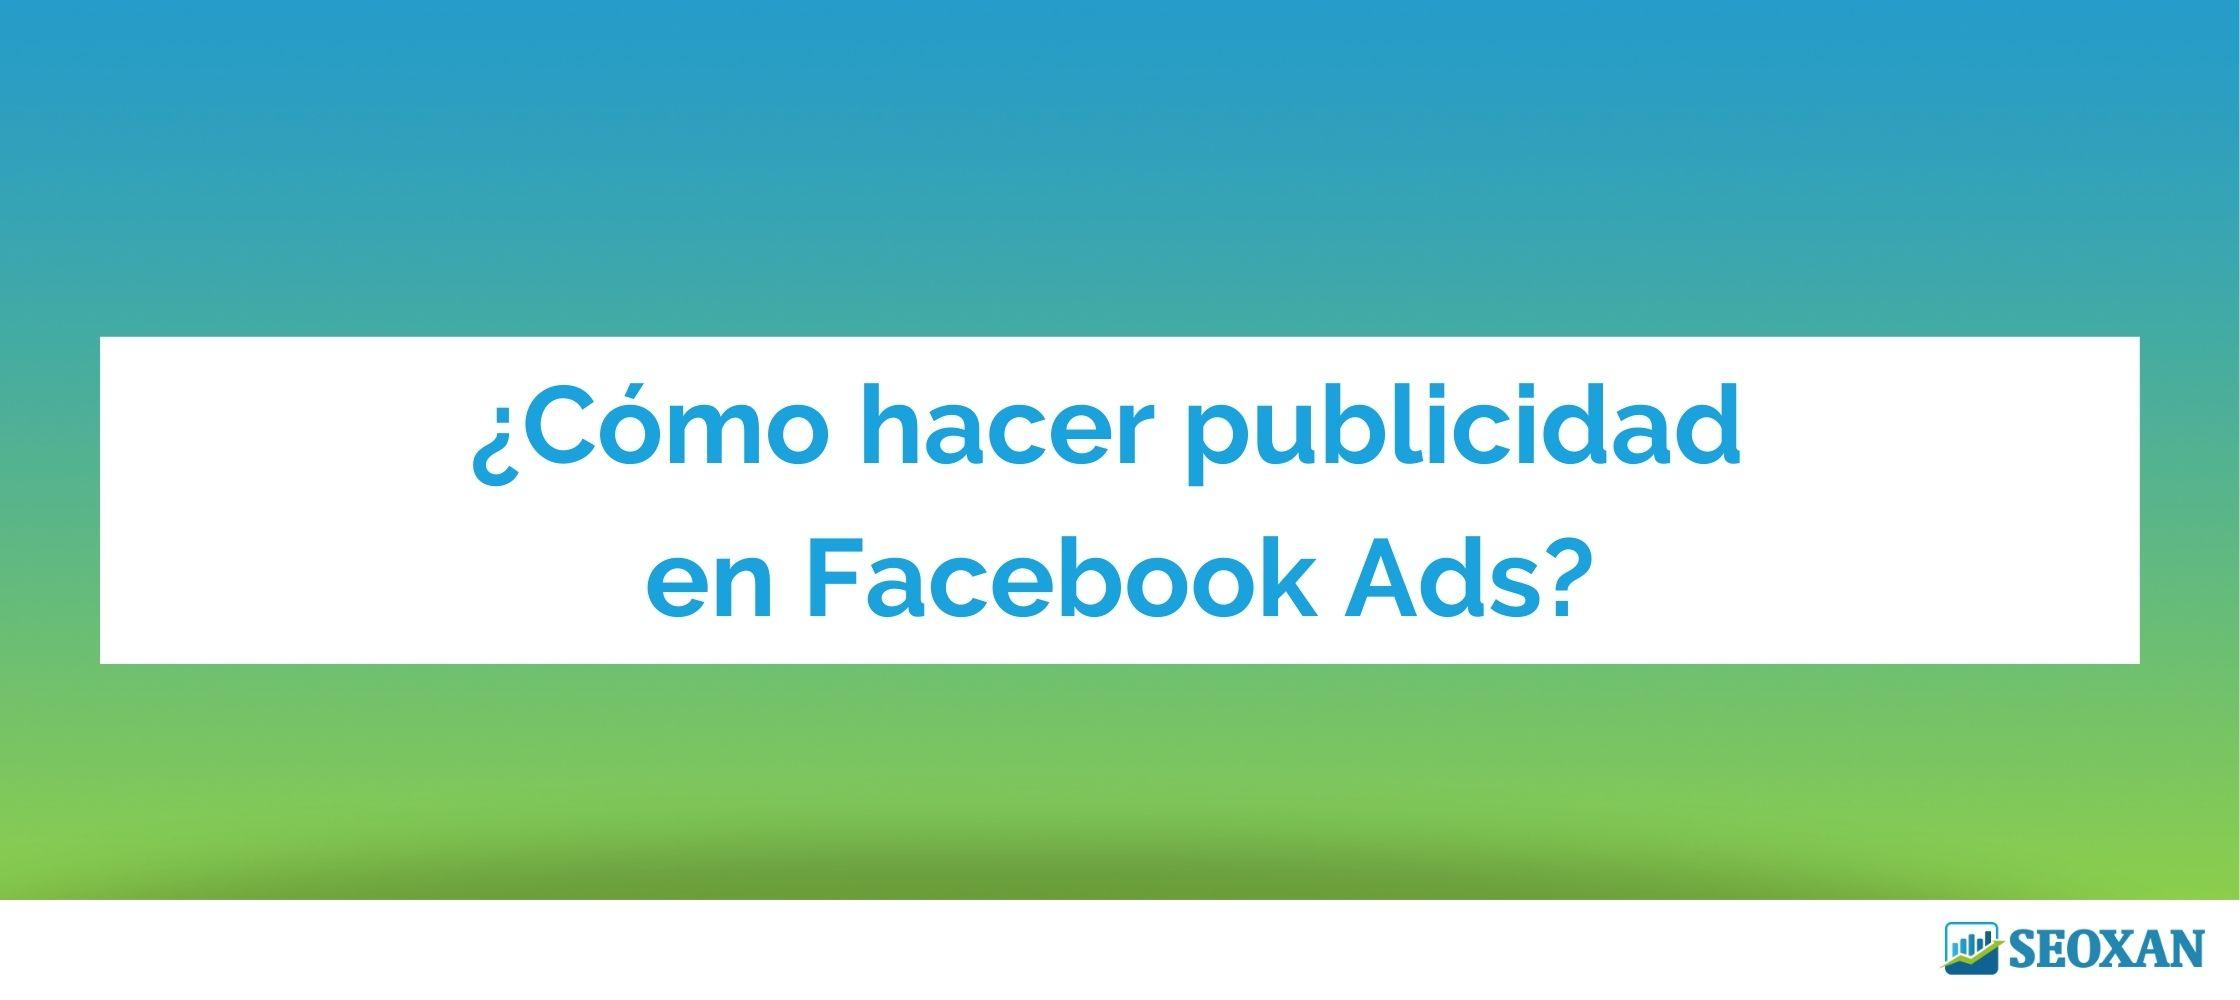 ¿Cómo hacer publicidad en Facebook Ads?